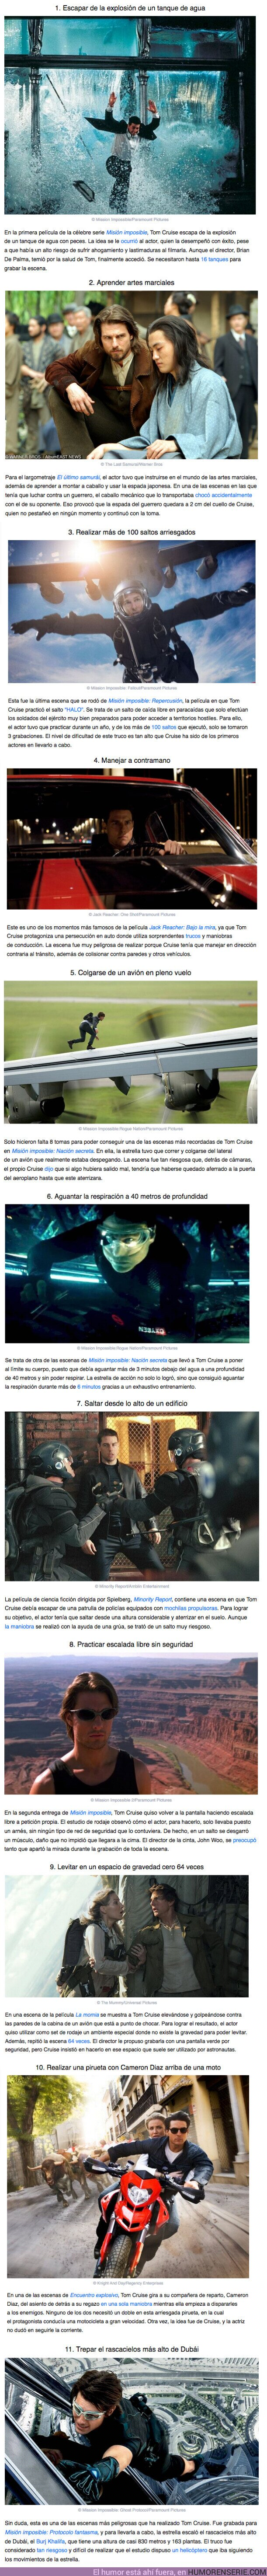 57390 - GALERÍA: 11 Pruebas peligrosas que demuestran que Tom Cruise es un verdadero superhéroe